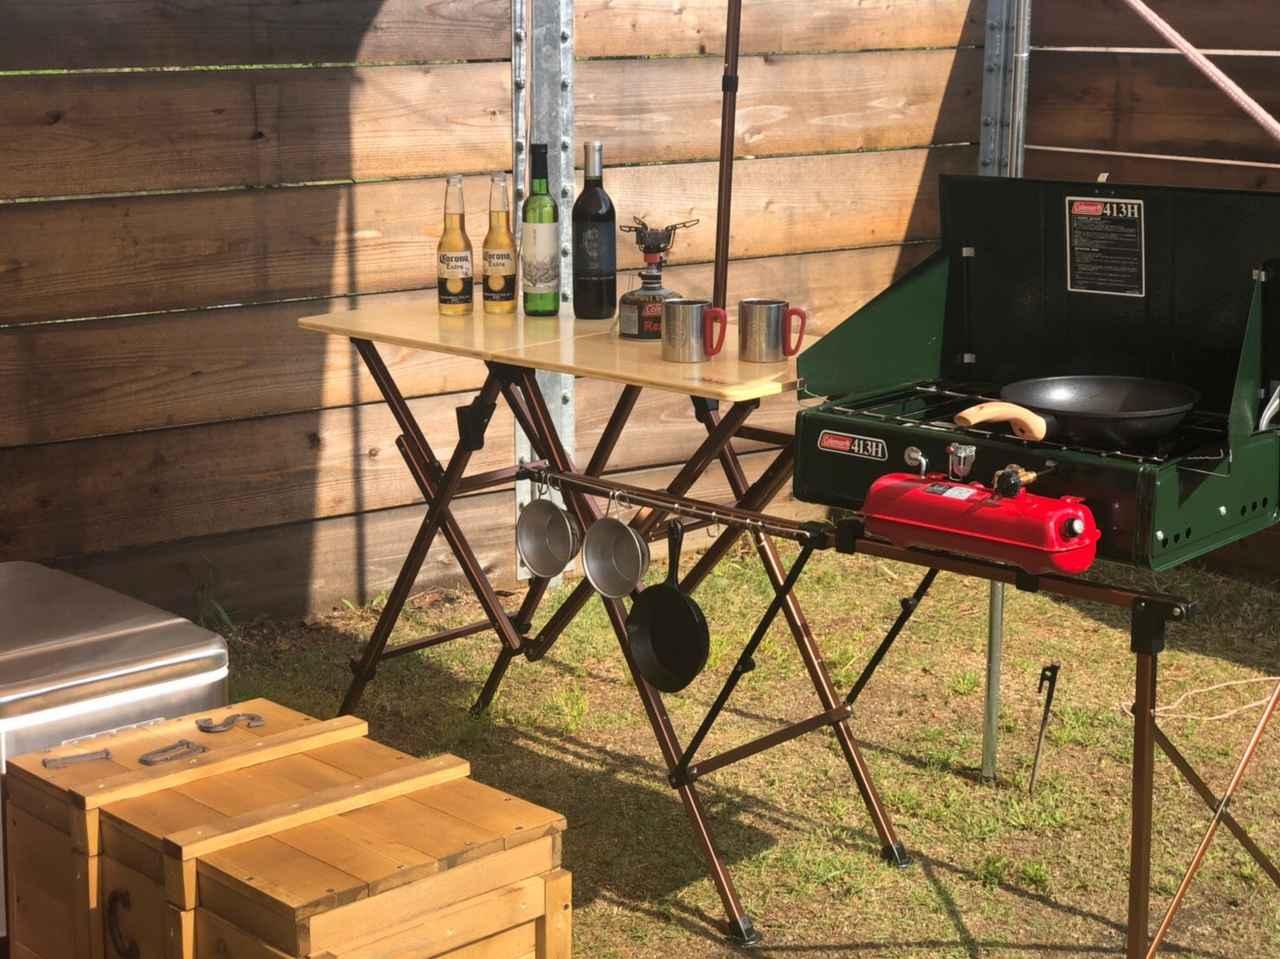 【レビュー】 コールマン「ワンタッチキッチンテーブル」 機能性抜群&簡単設営!キャンプの調理が楽々